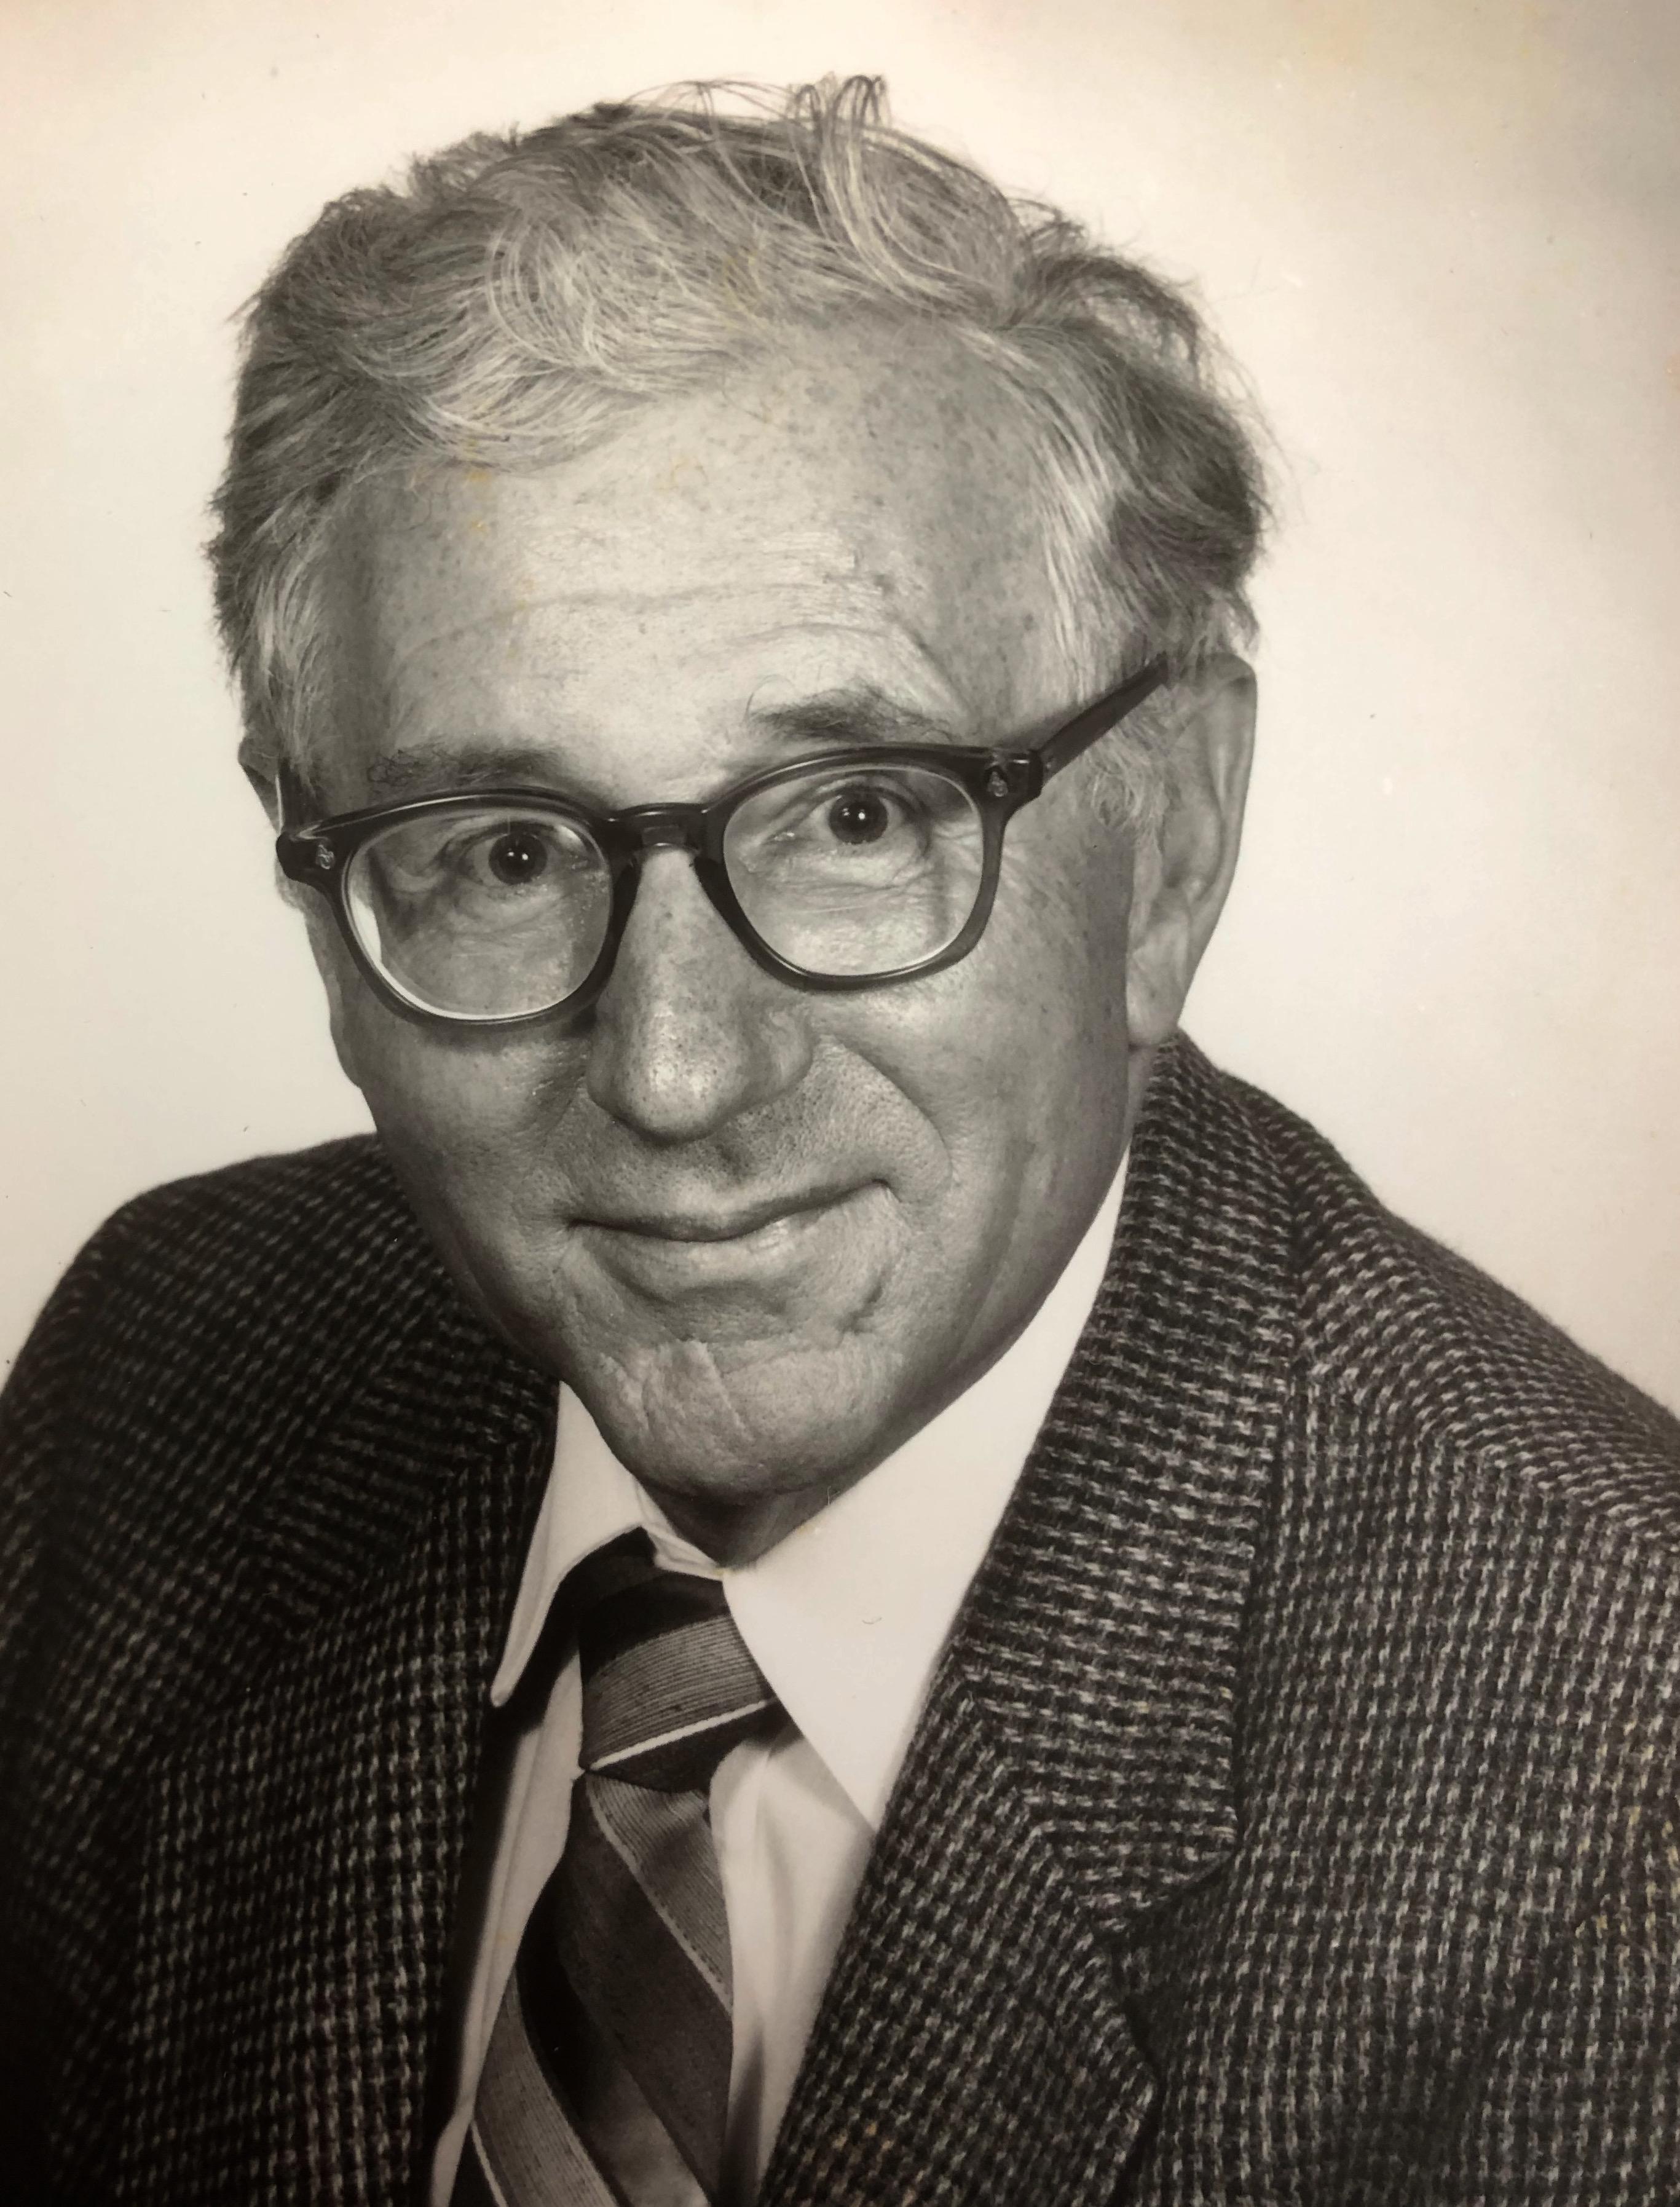 Rolf Muller